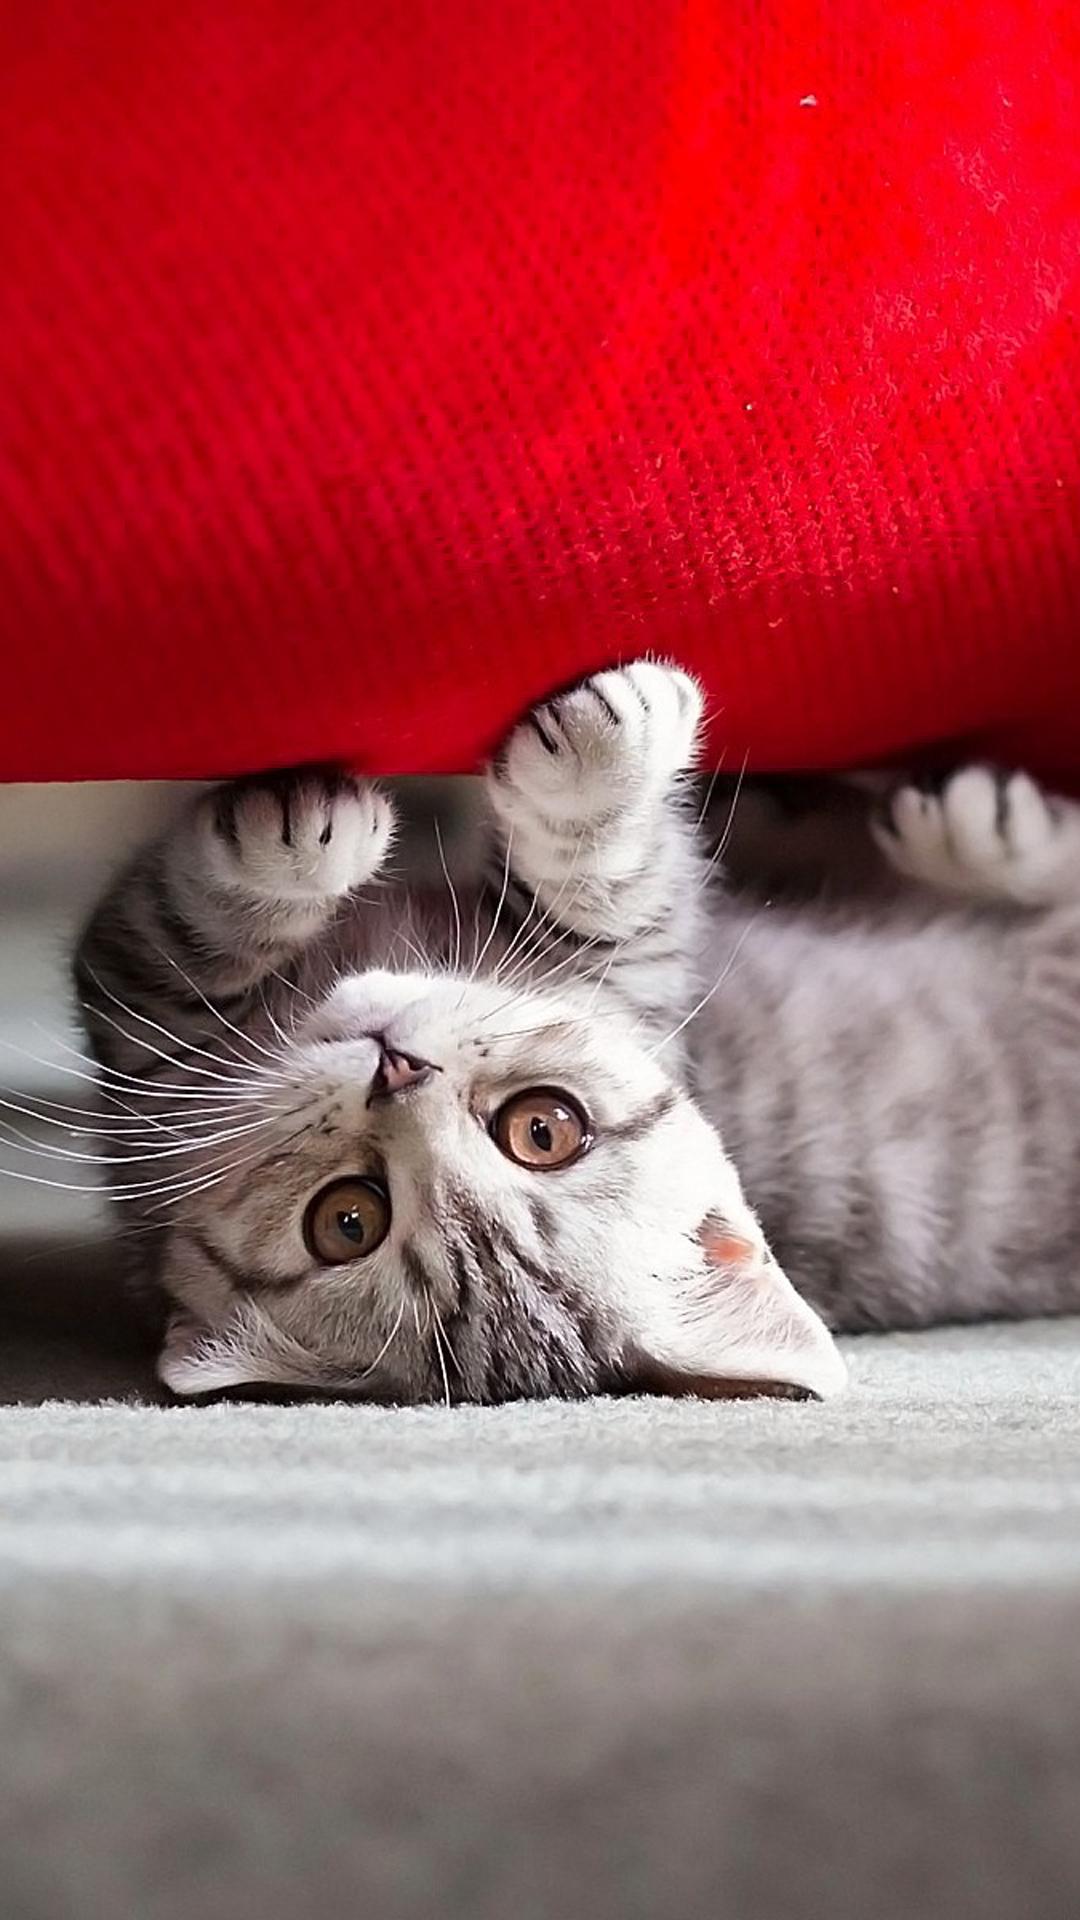 Cute kitten htc wallpaper